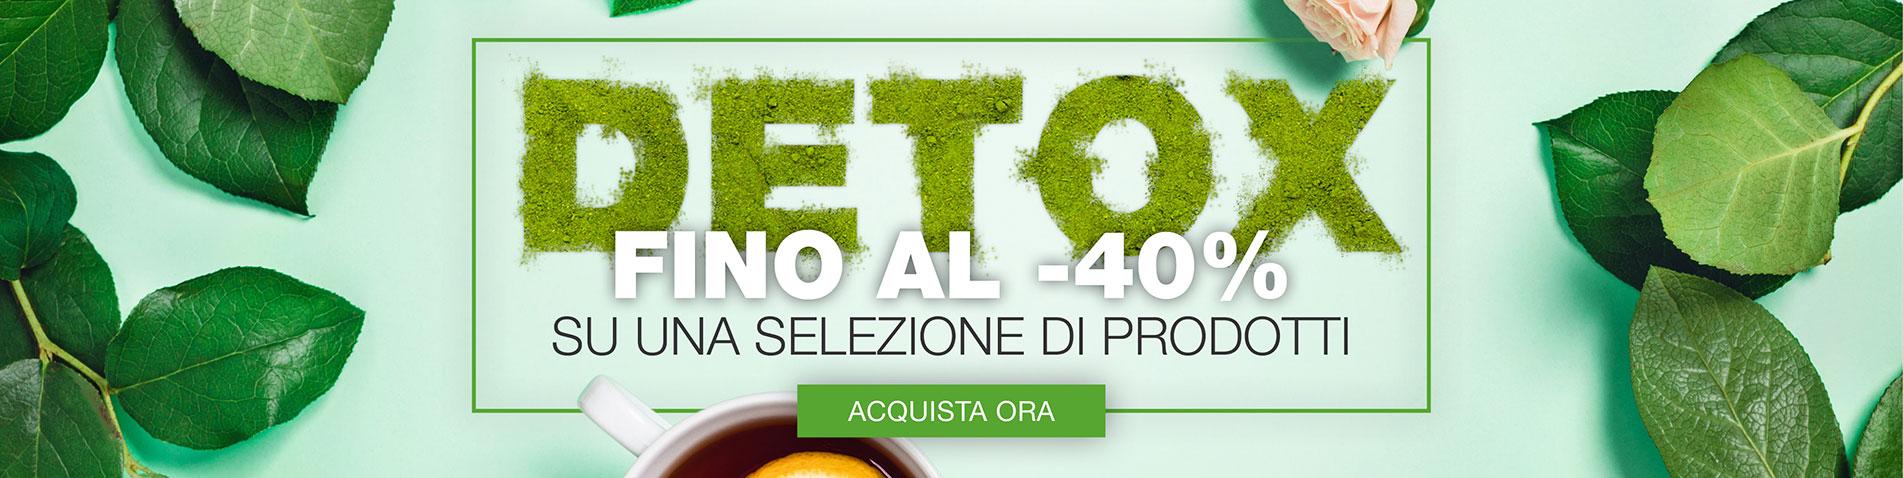 DETOX -FINO AL -40%SU UNA SELEZIONE DI PRODOTTI